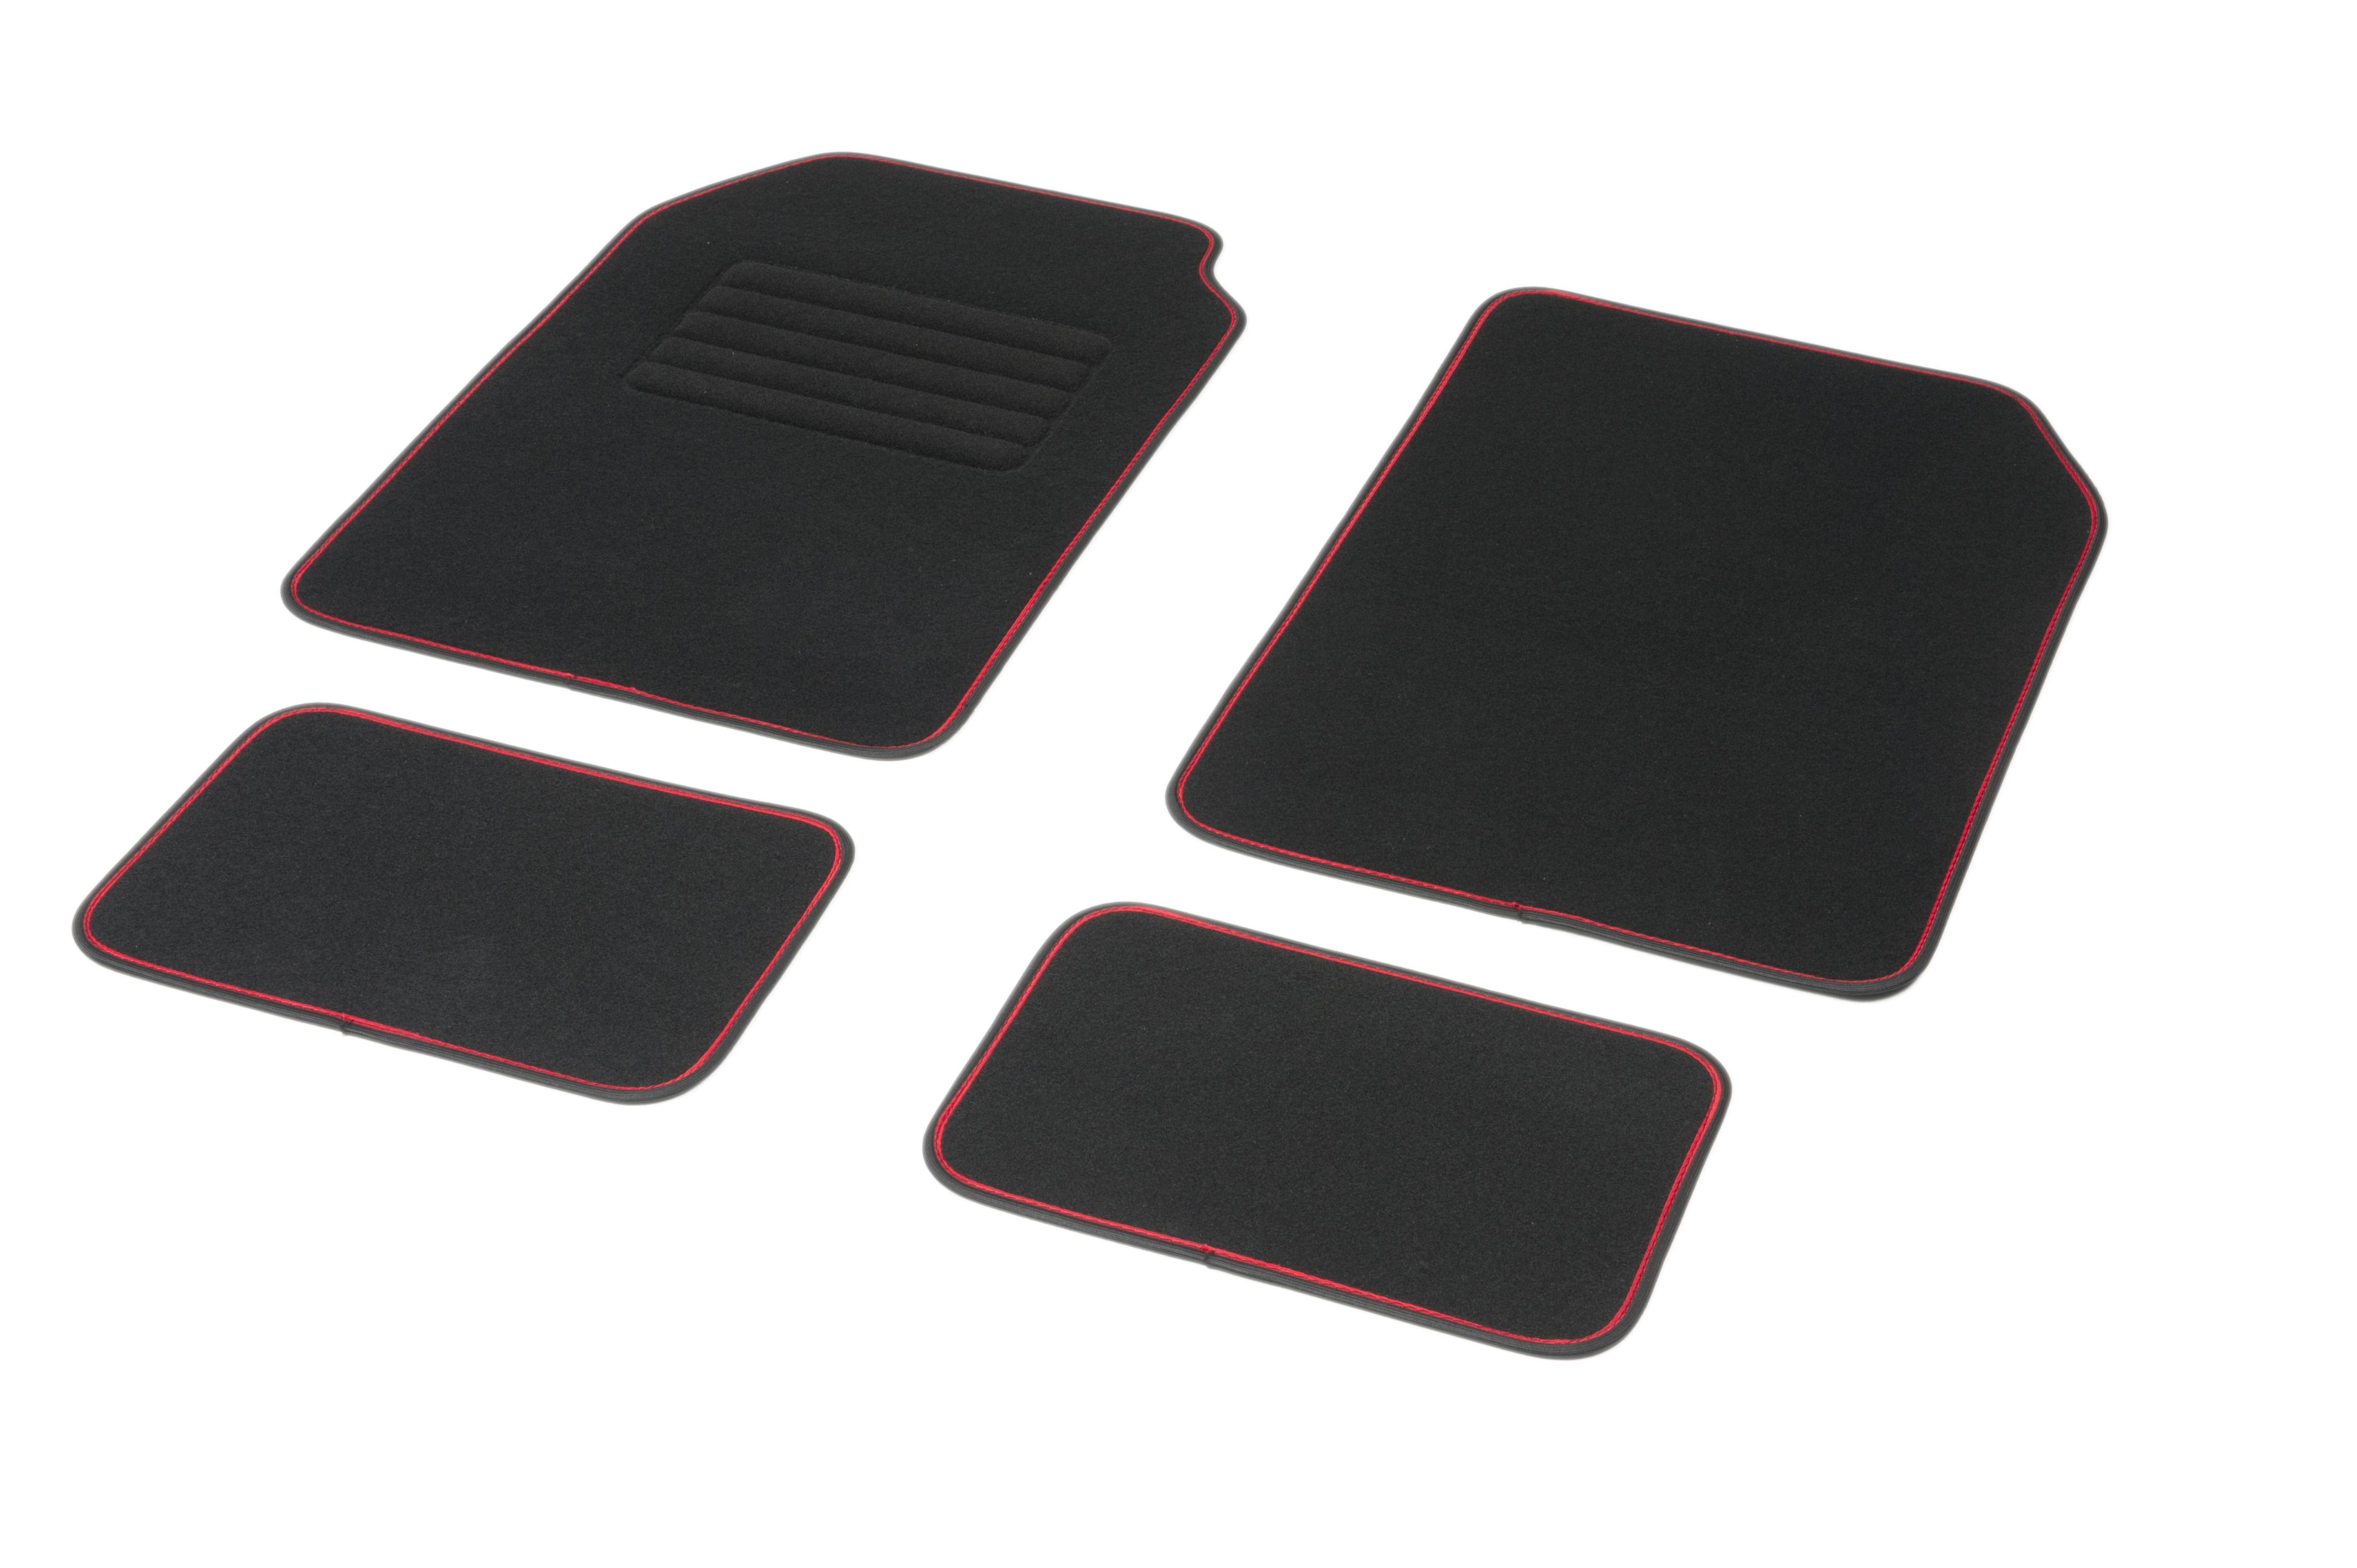 Achat de 01765761 DBS Adaptation universelle, STANDARD Textile, avant et arrière, Quantité: 4, noir, rouge Taille: 72х45 Ensemble de tapis de sol 01765761 pas chères